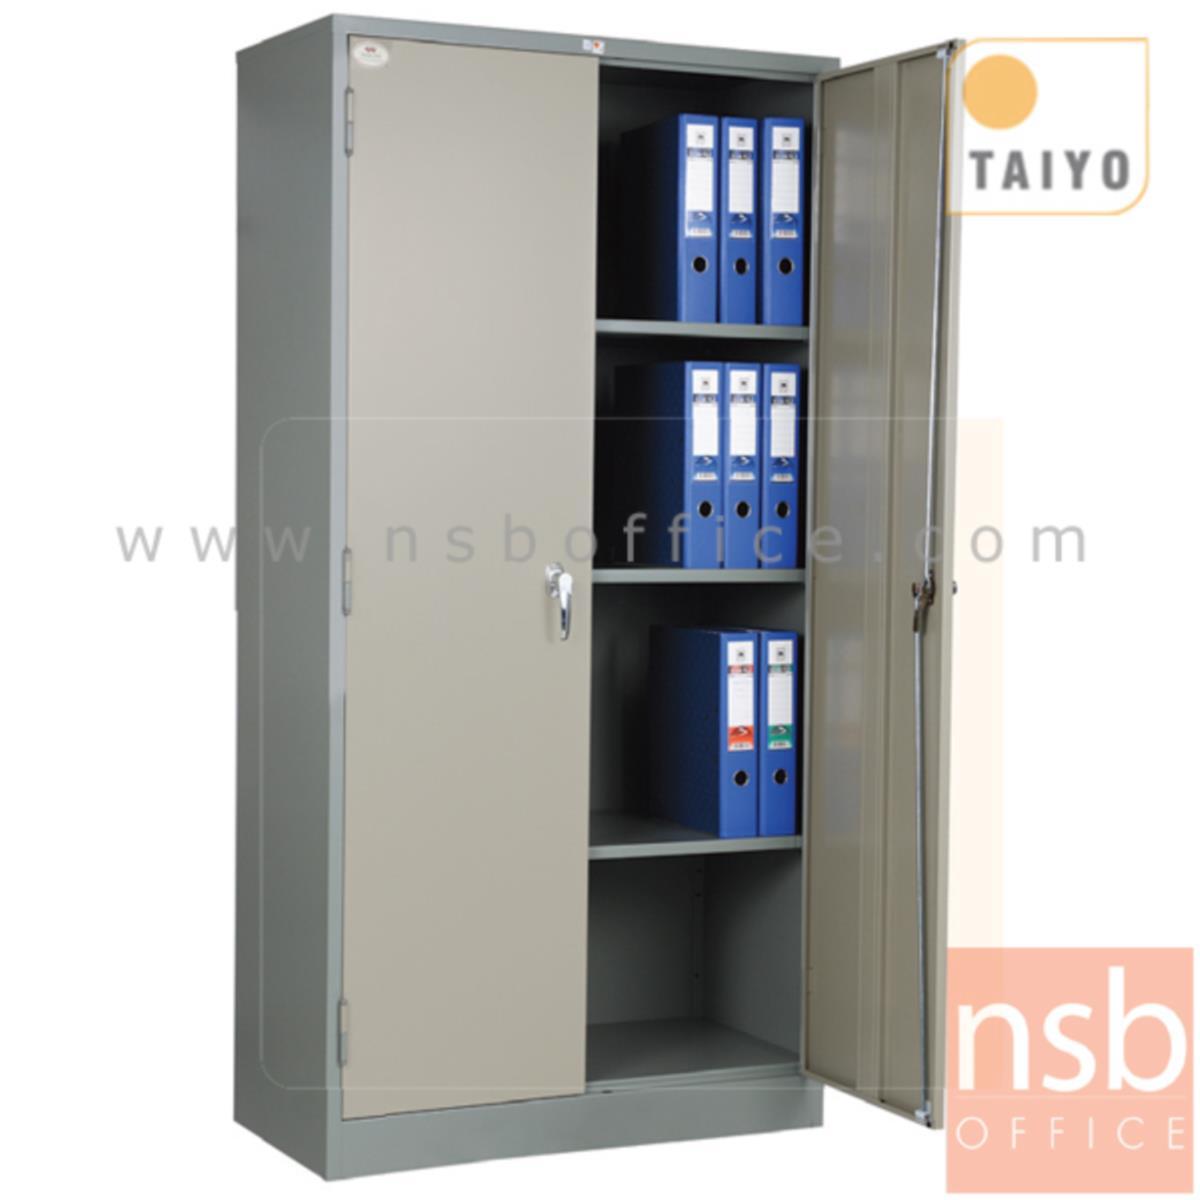 E02A018:ตู้เหล็ก 2 บานเปิด มือจับเขาบิด รุ่น LK-100